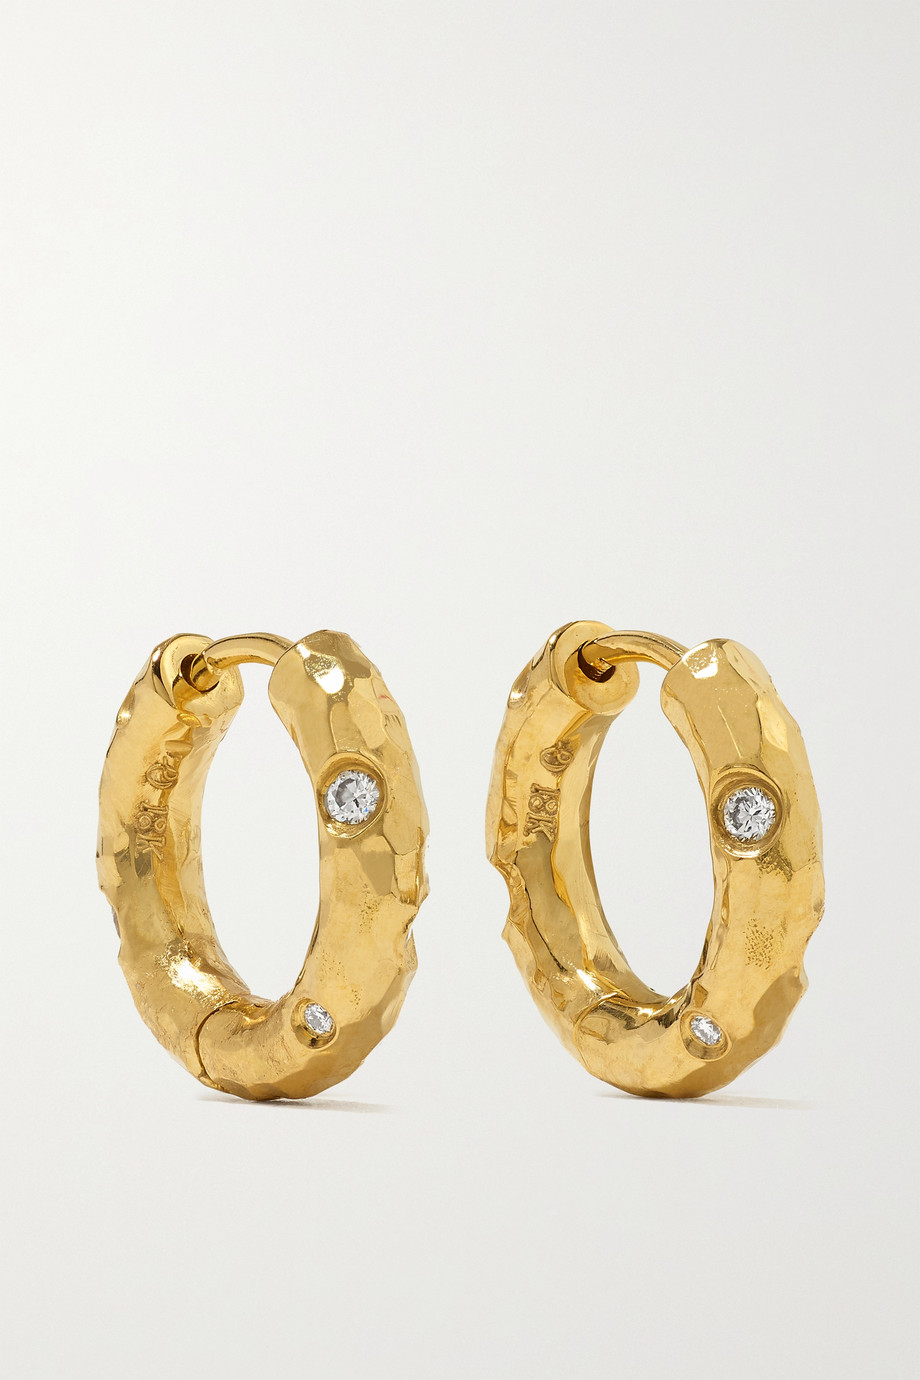 Octavia Elizabeth Boucles d'oreilles en or 18 carats (750/1000) recyclé et diamants Petite Gemmed Gabby - NET SUSTAIN